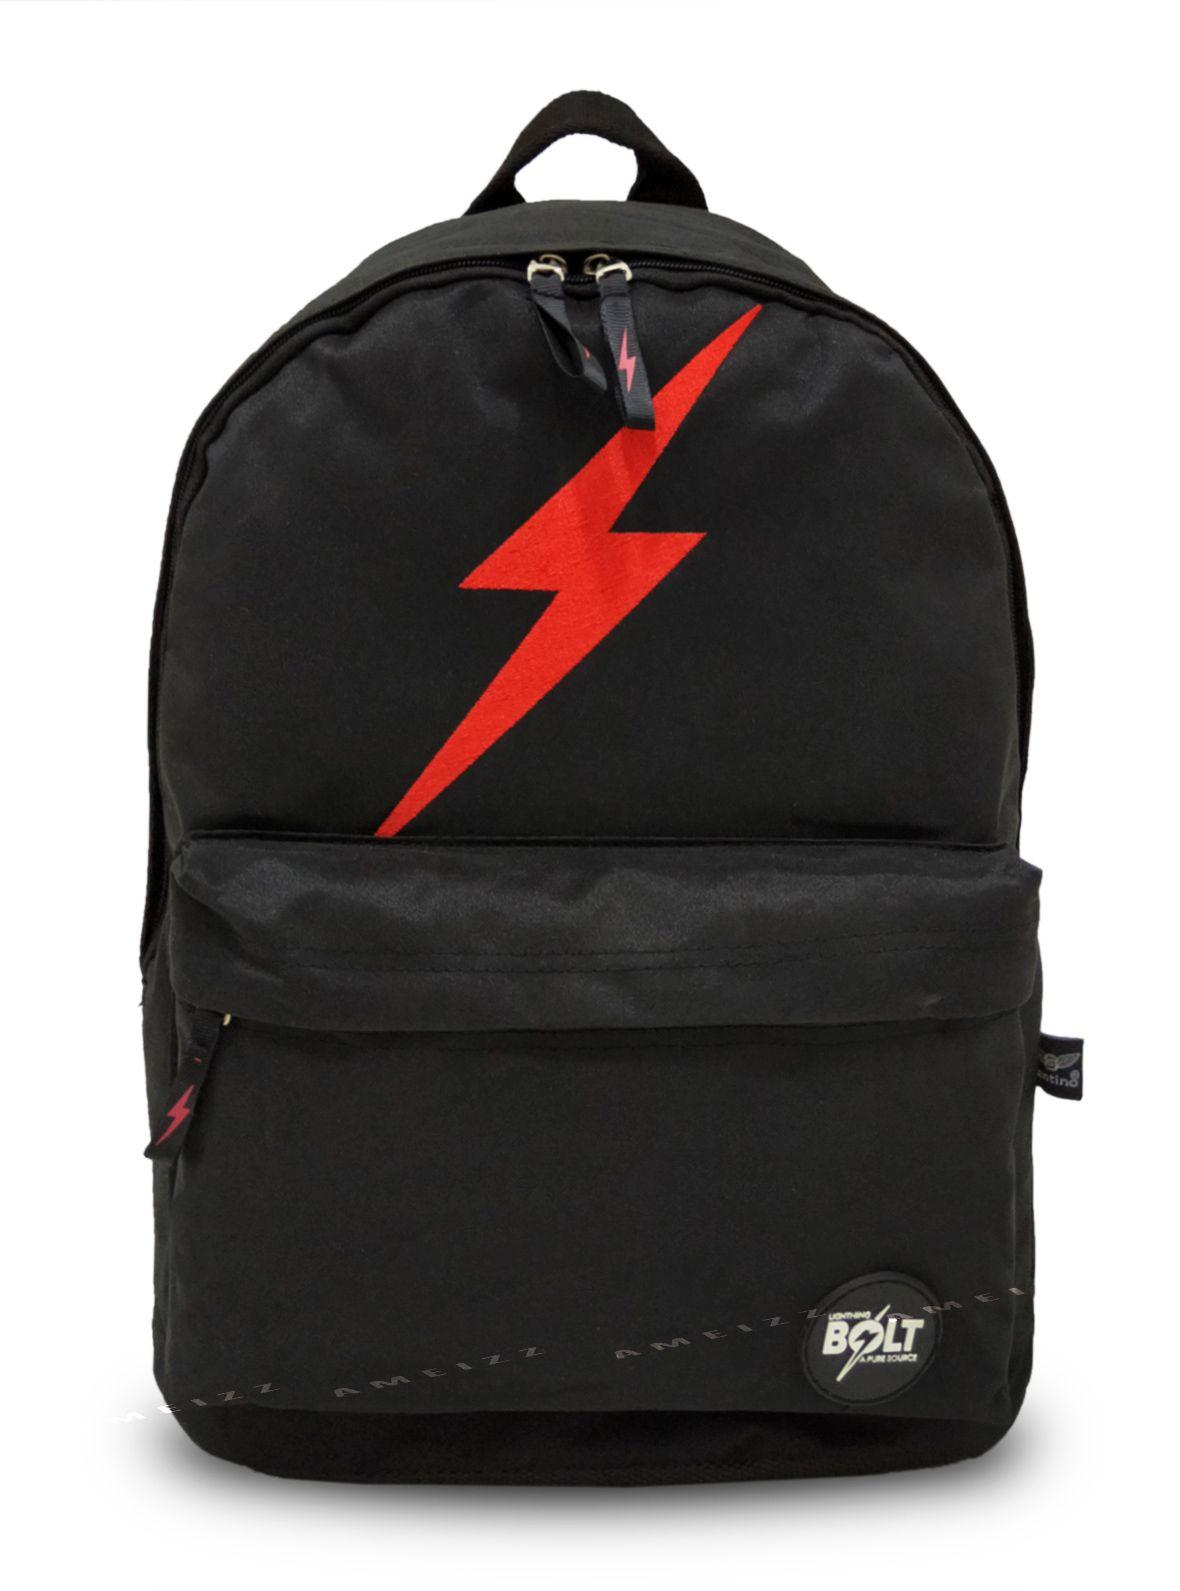 Mochila Escolar Lightning Bolt LBM184301 Preto Com Raio